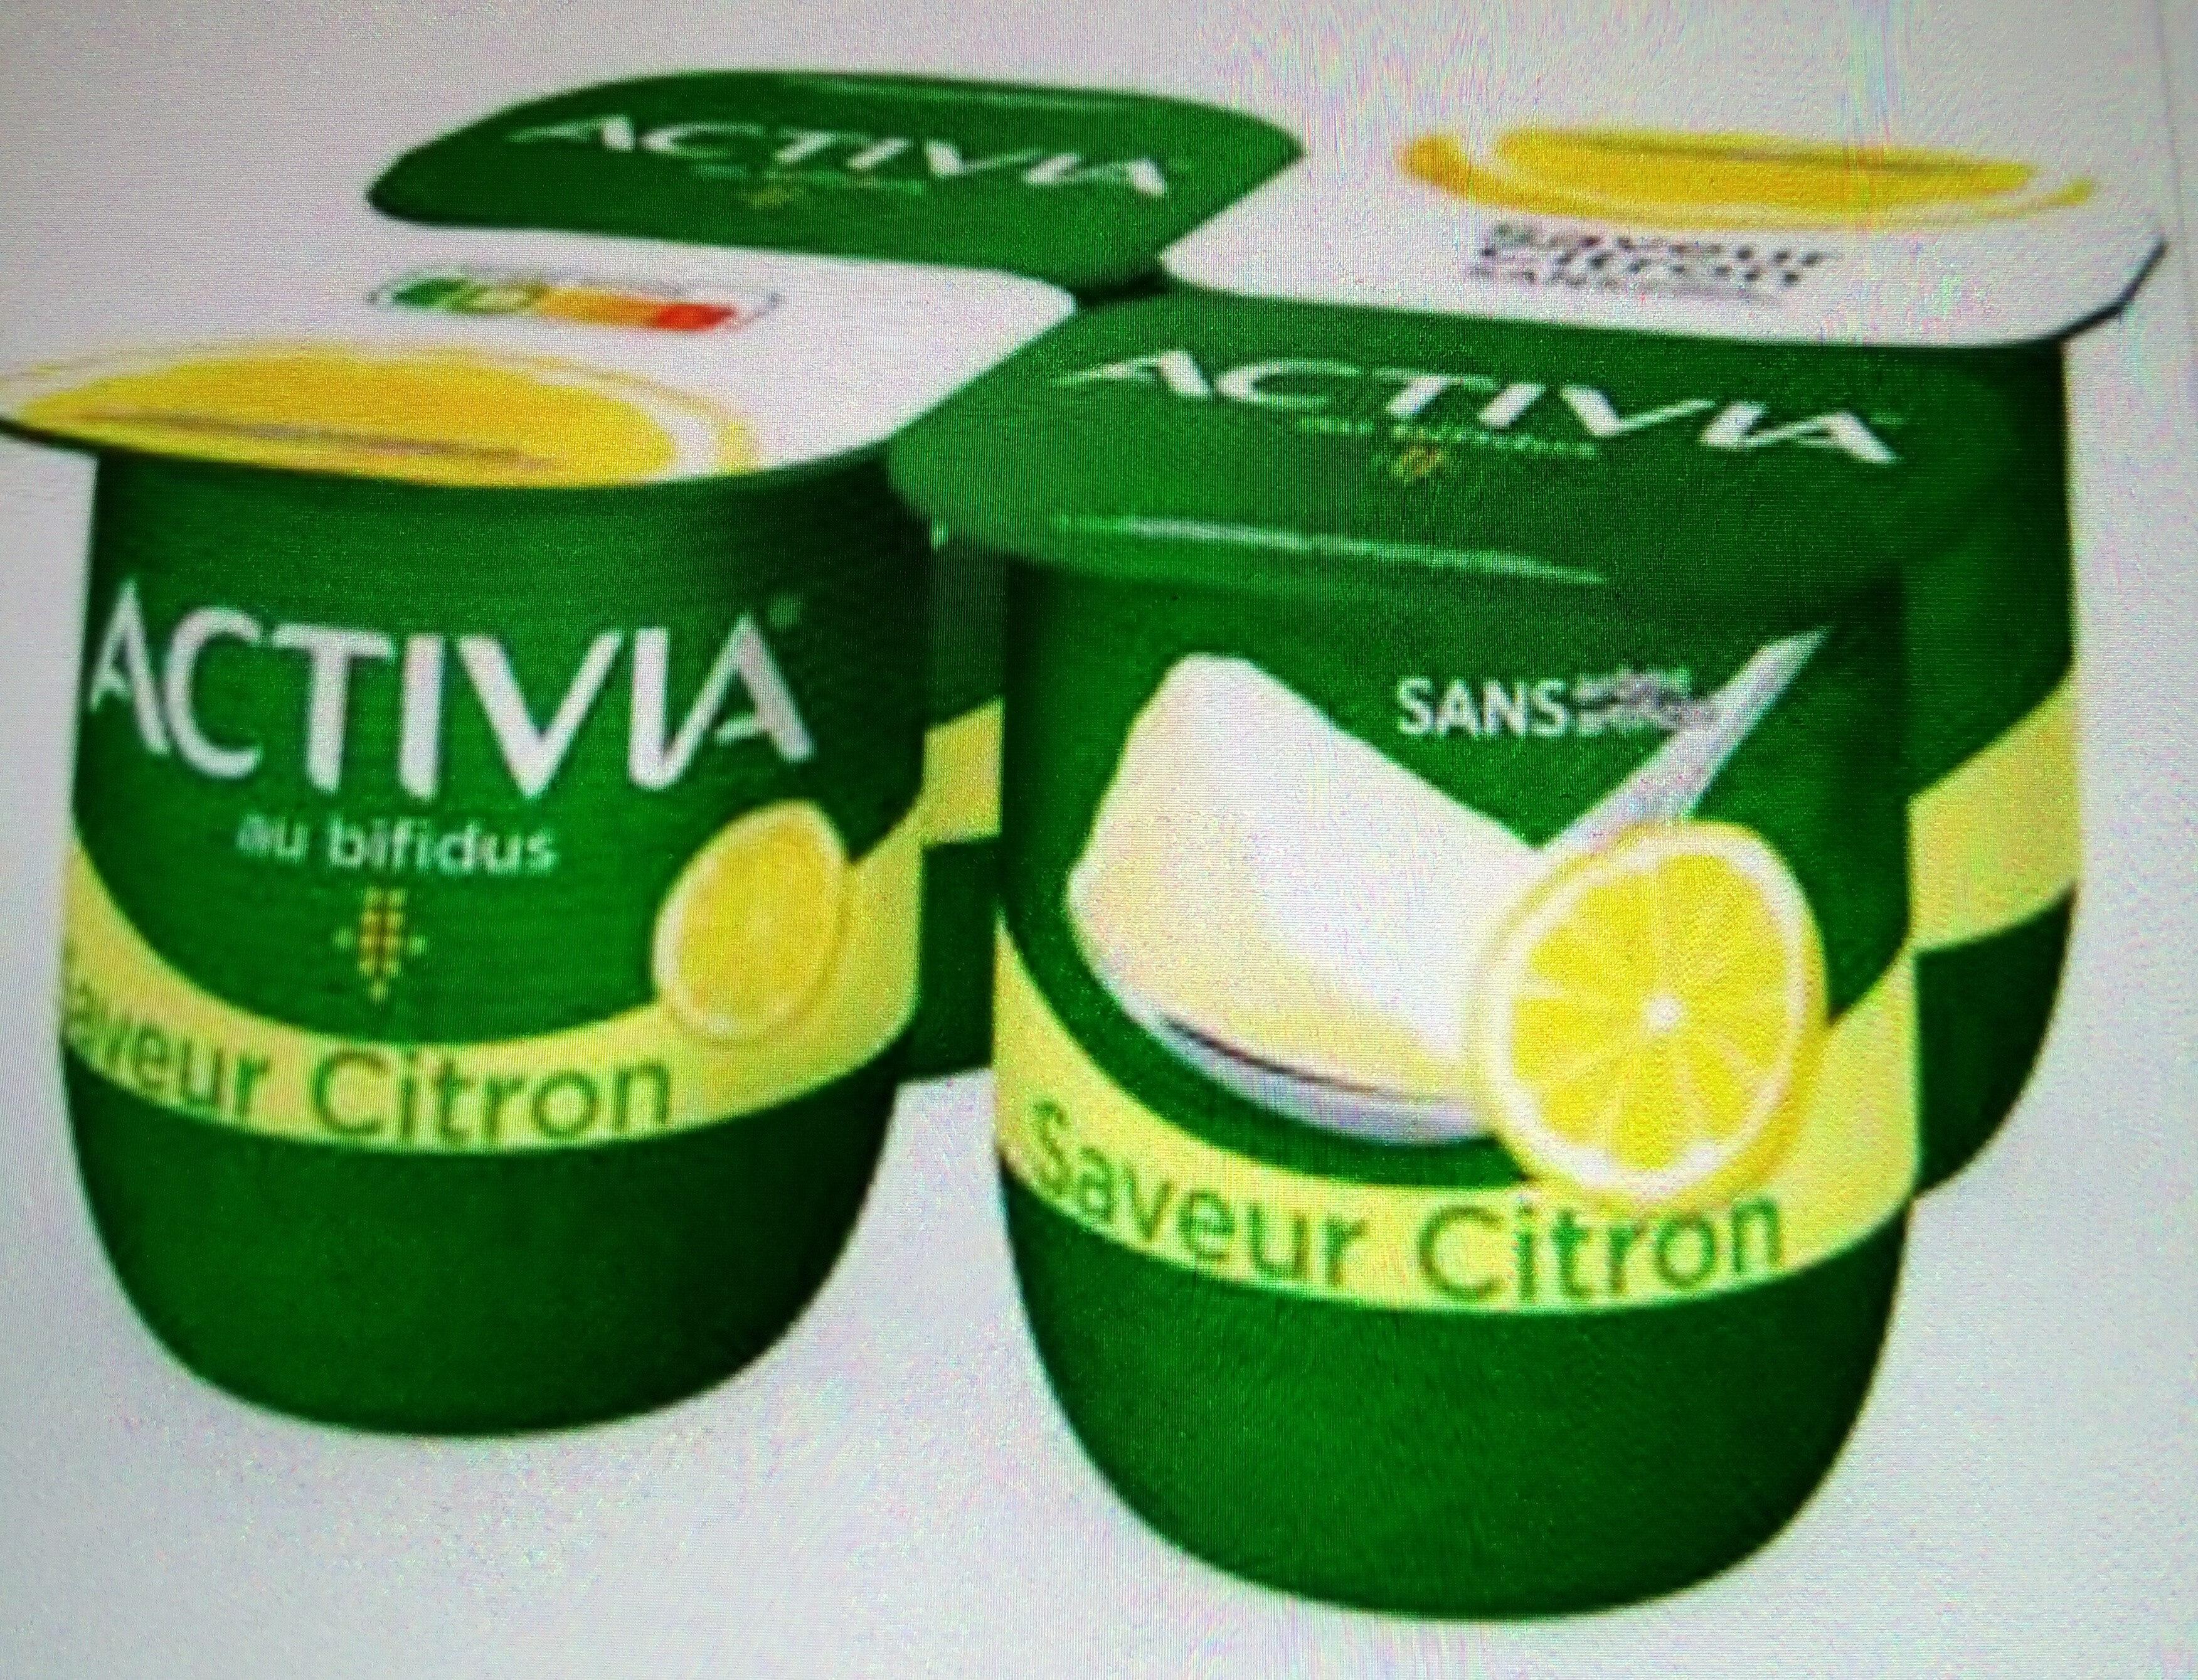 Activia saveur citron - Product - fr